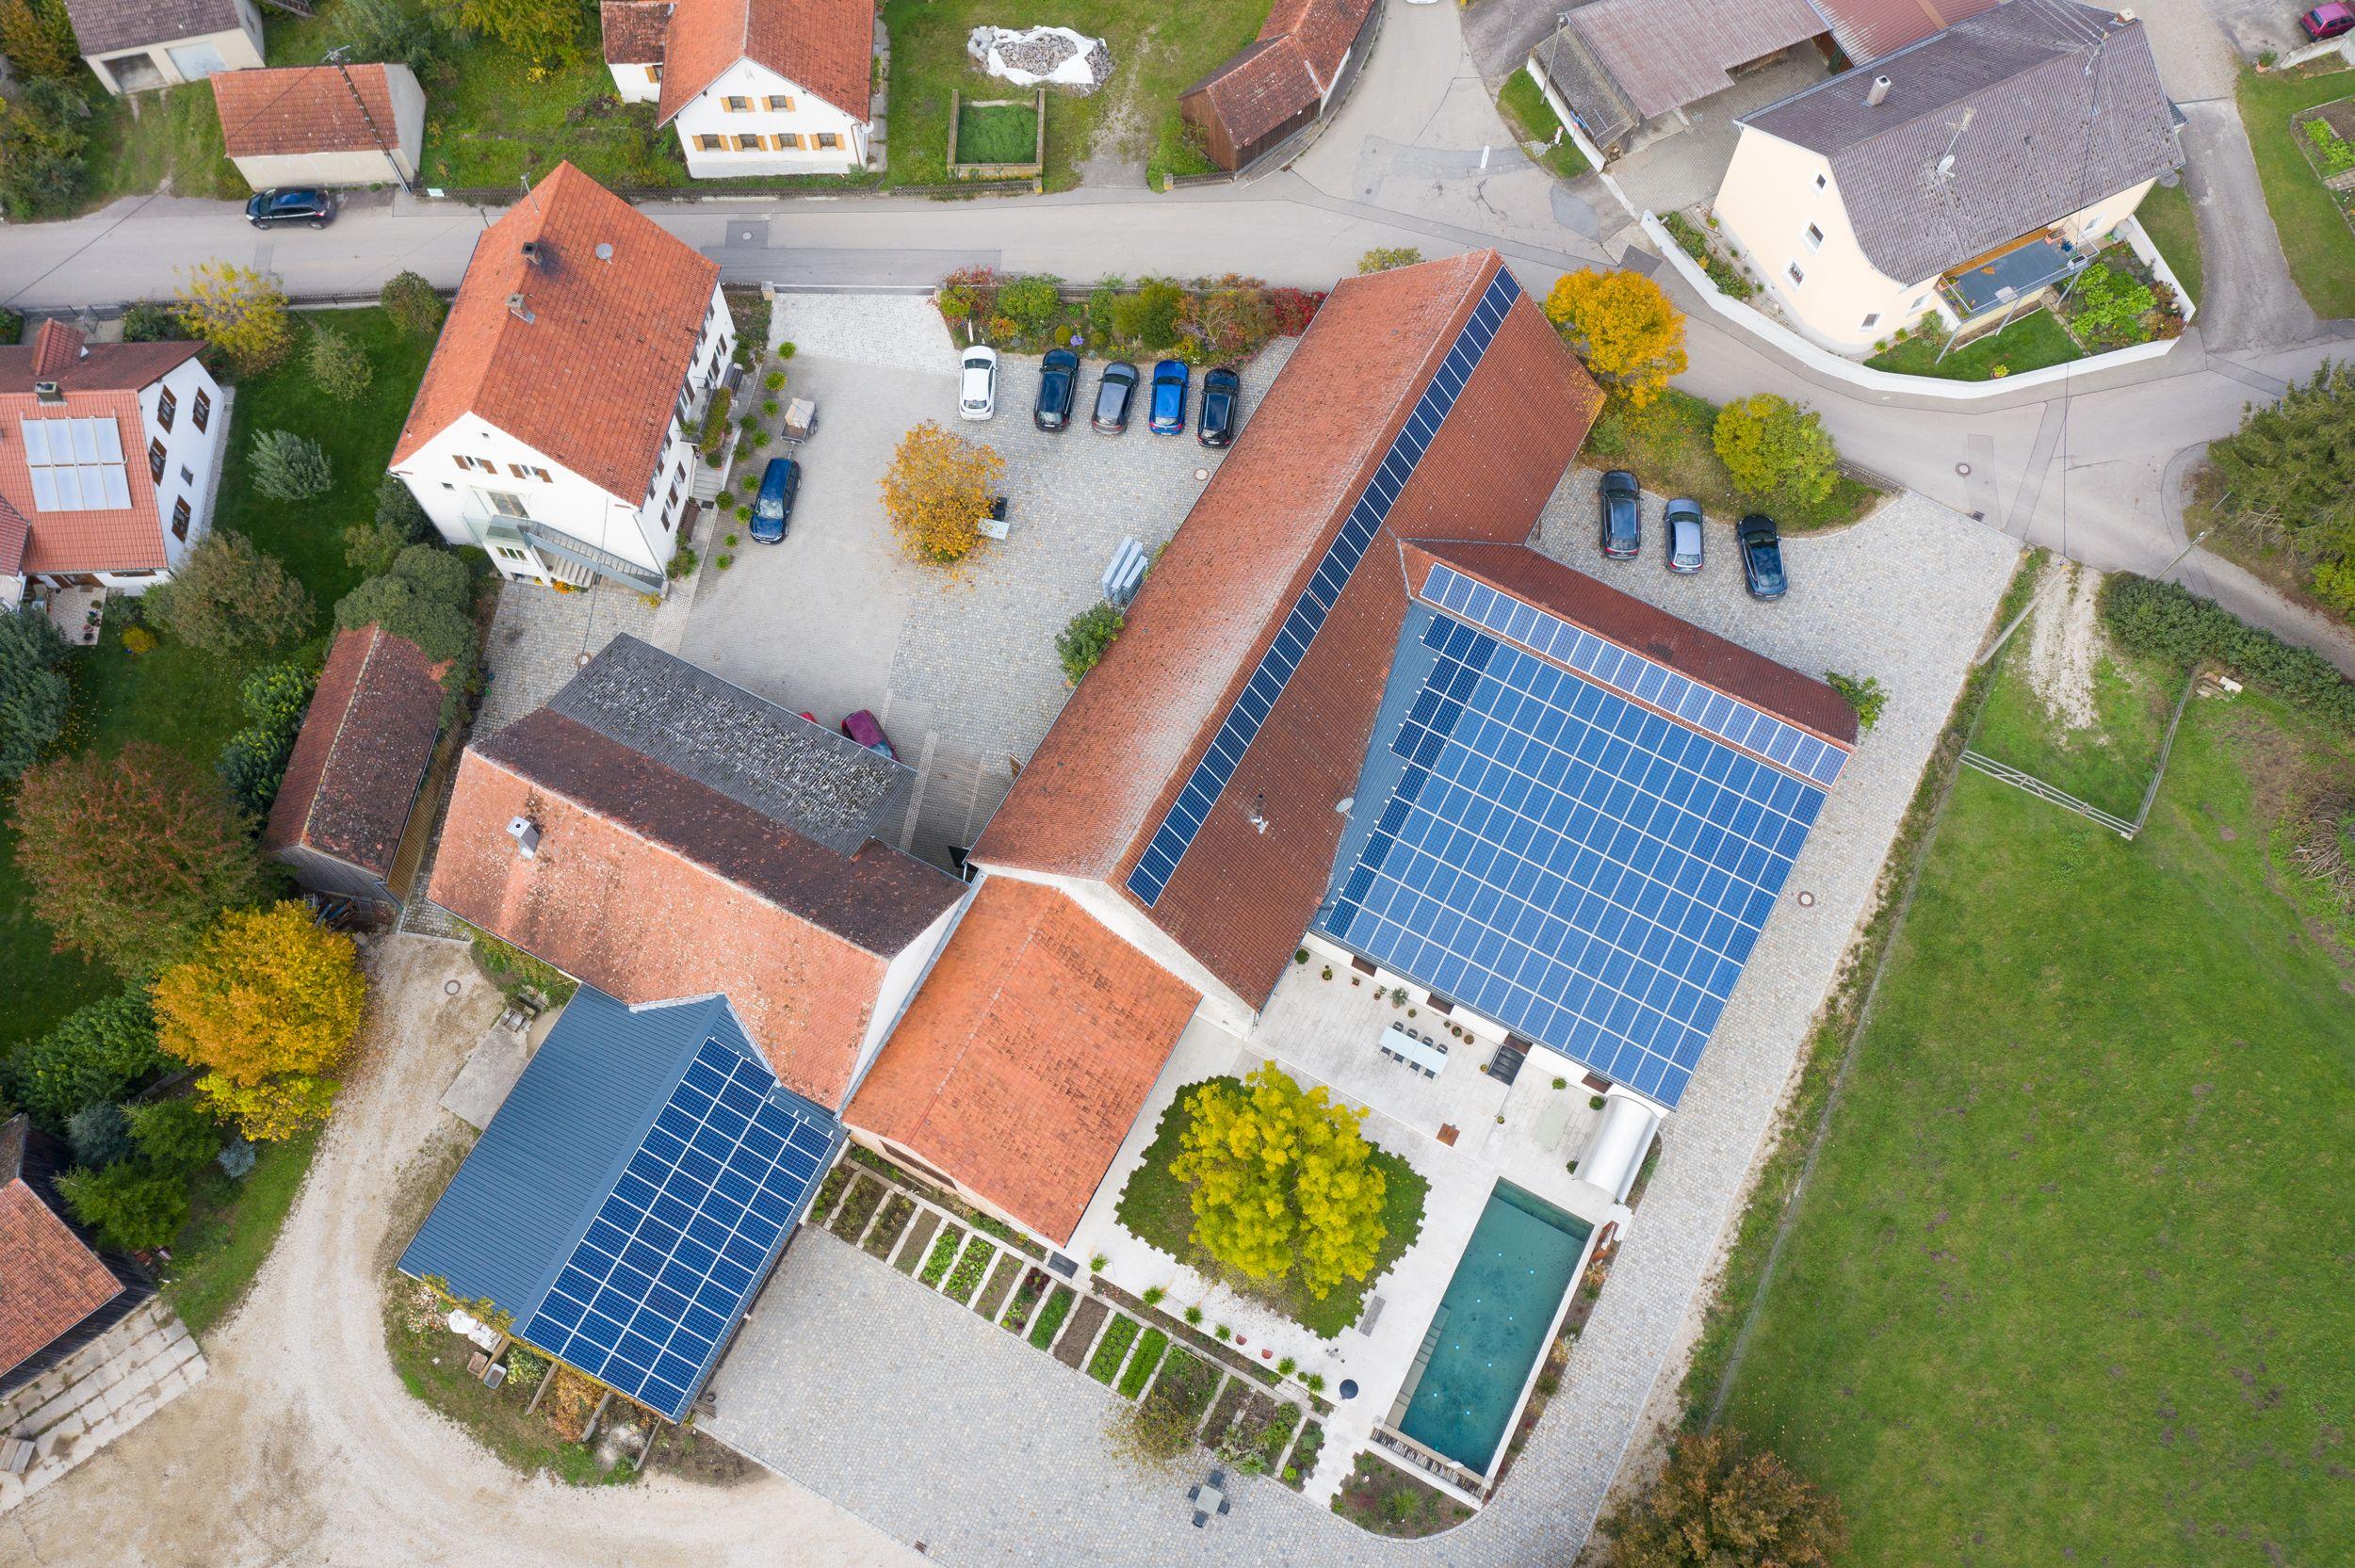 Bauernhaus_Gempfing_001